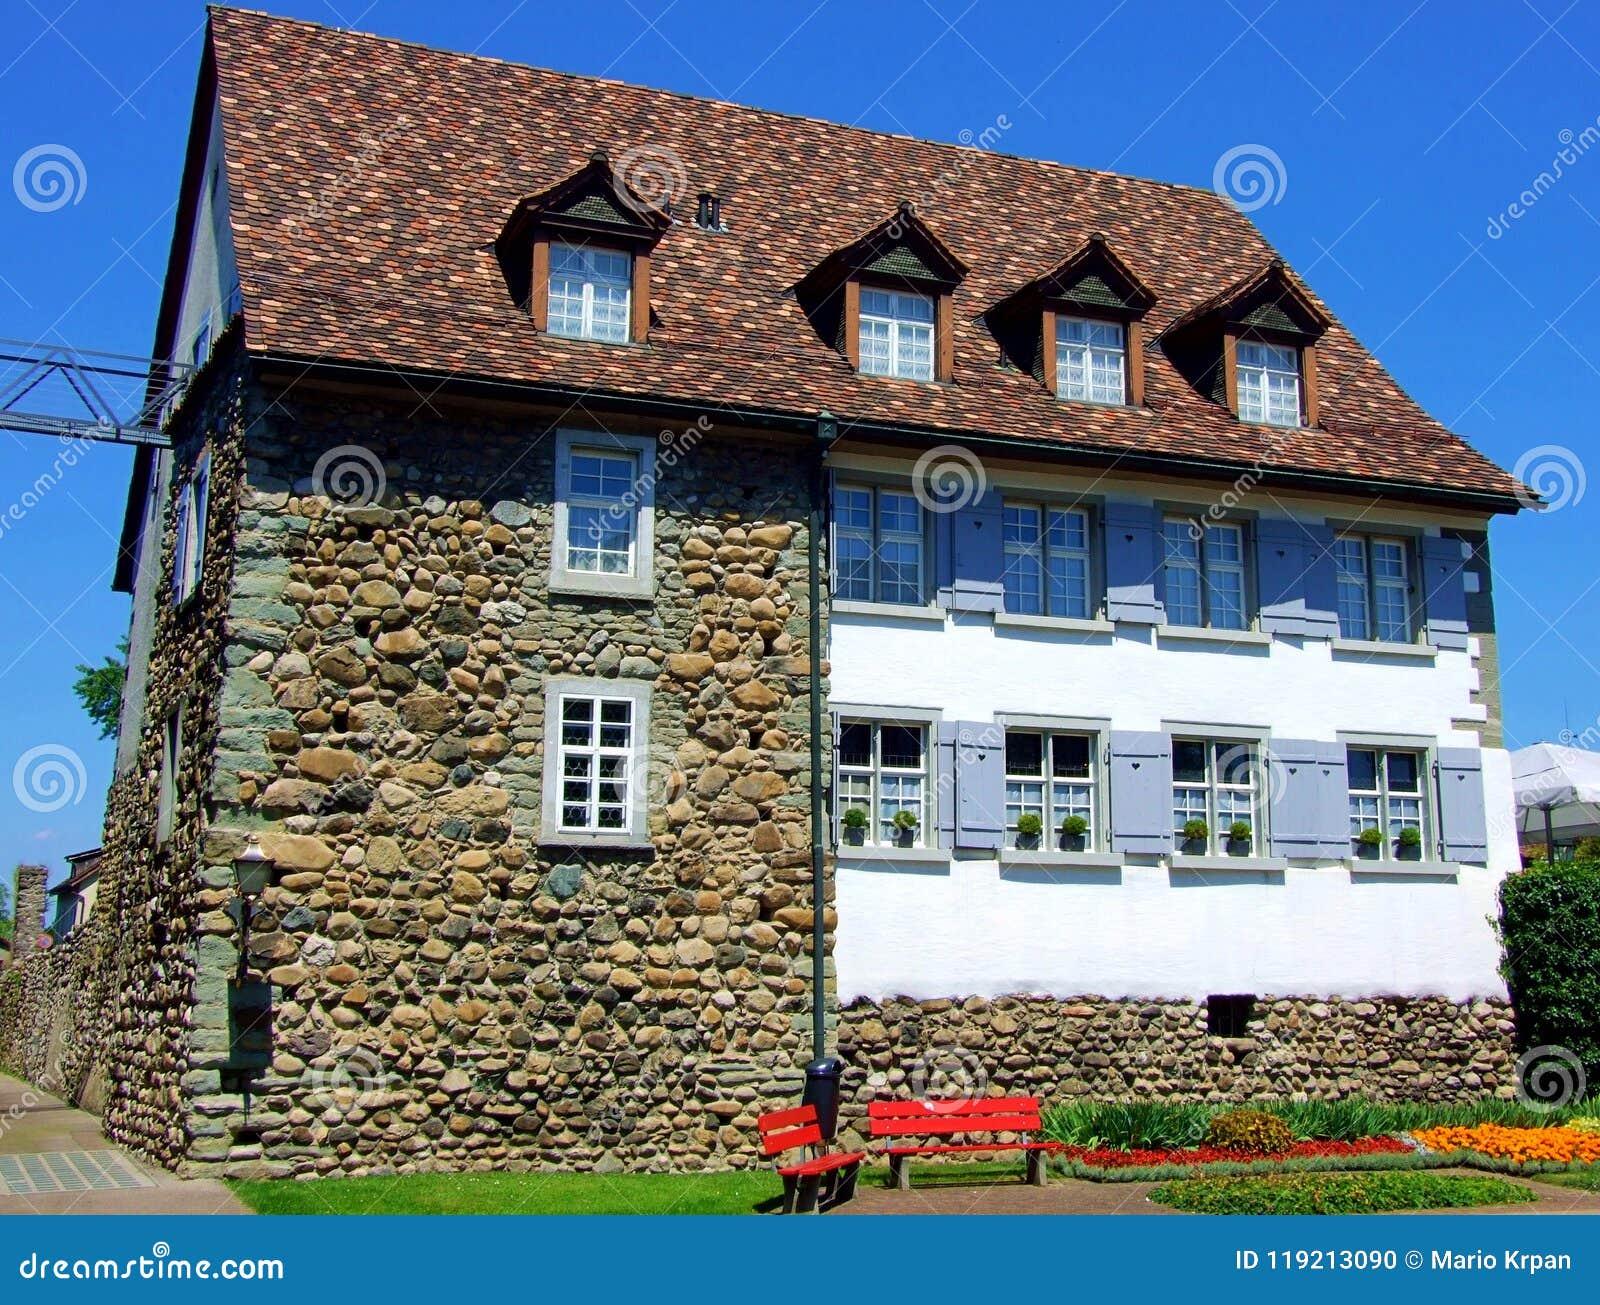 Dom, dom, architektura, budynek, dach, cegła, stara, niebo, nieruchomość majątkowa, mieszkaniowy, nadokienny, chałupa, okno, powi